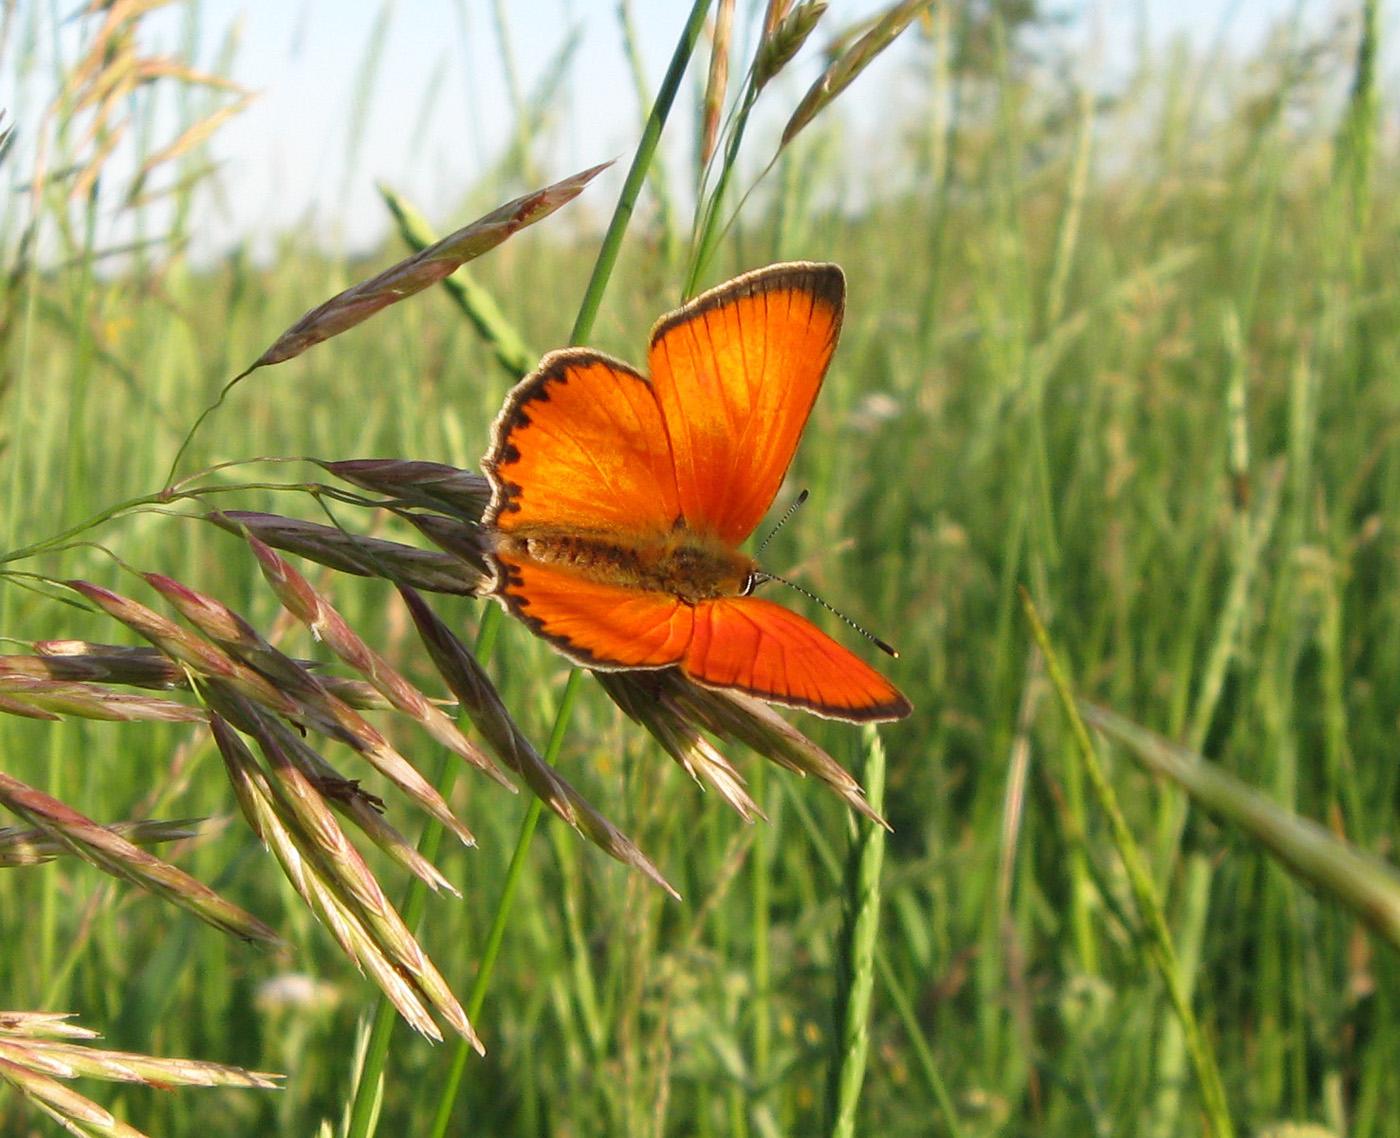 Червонец огненный, или многоглазка огненная (Lycaena virgaureae) — дневная бабочка из семейства голубянок. Автор фото: Олег Селиверстов